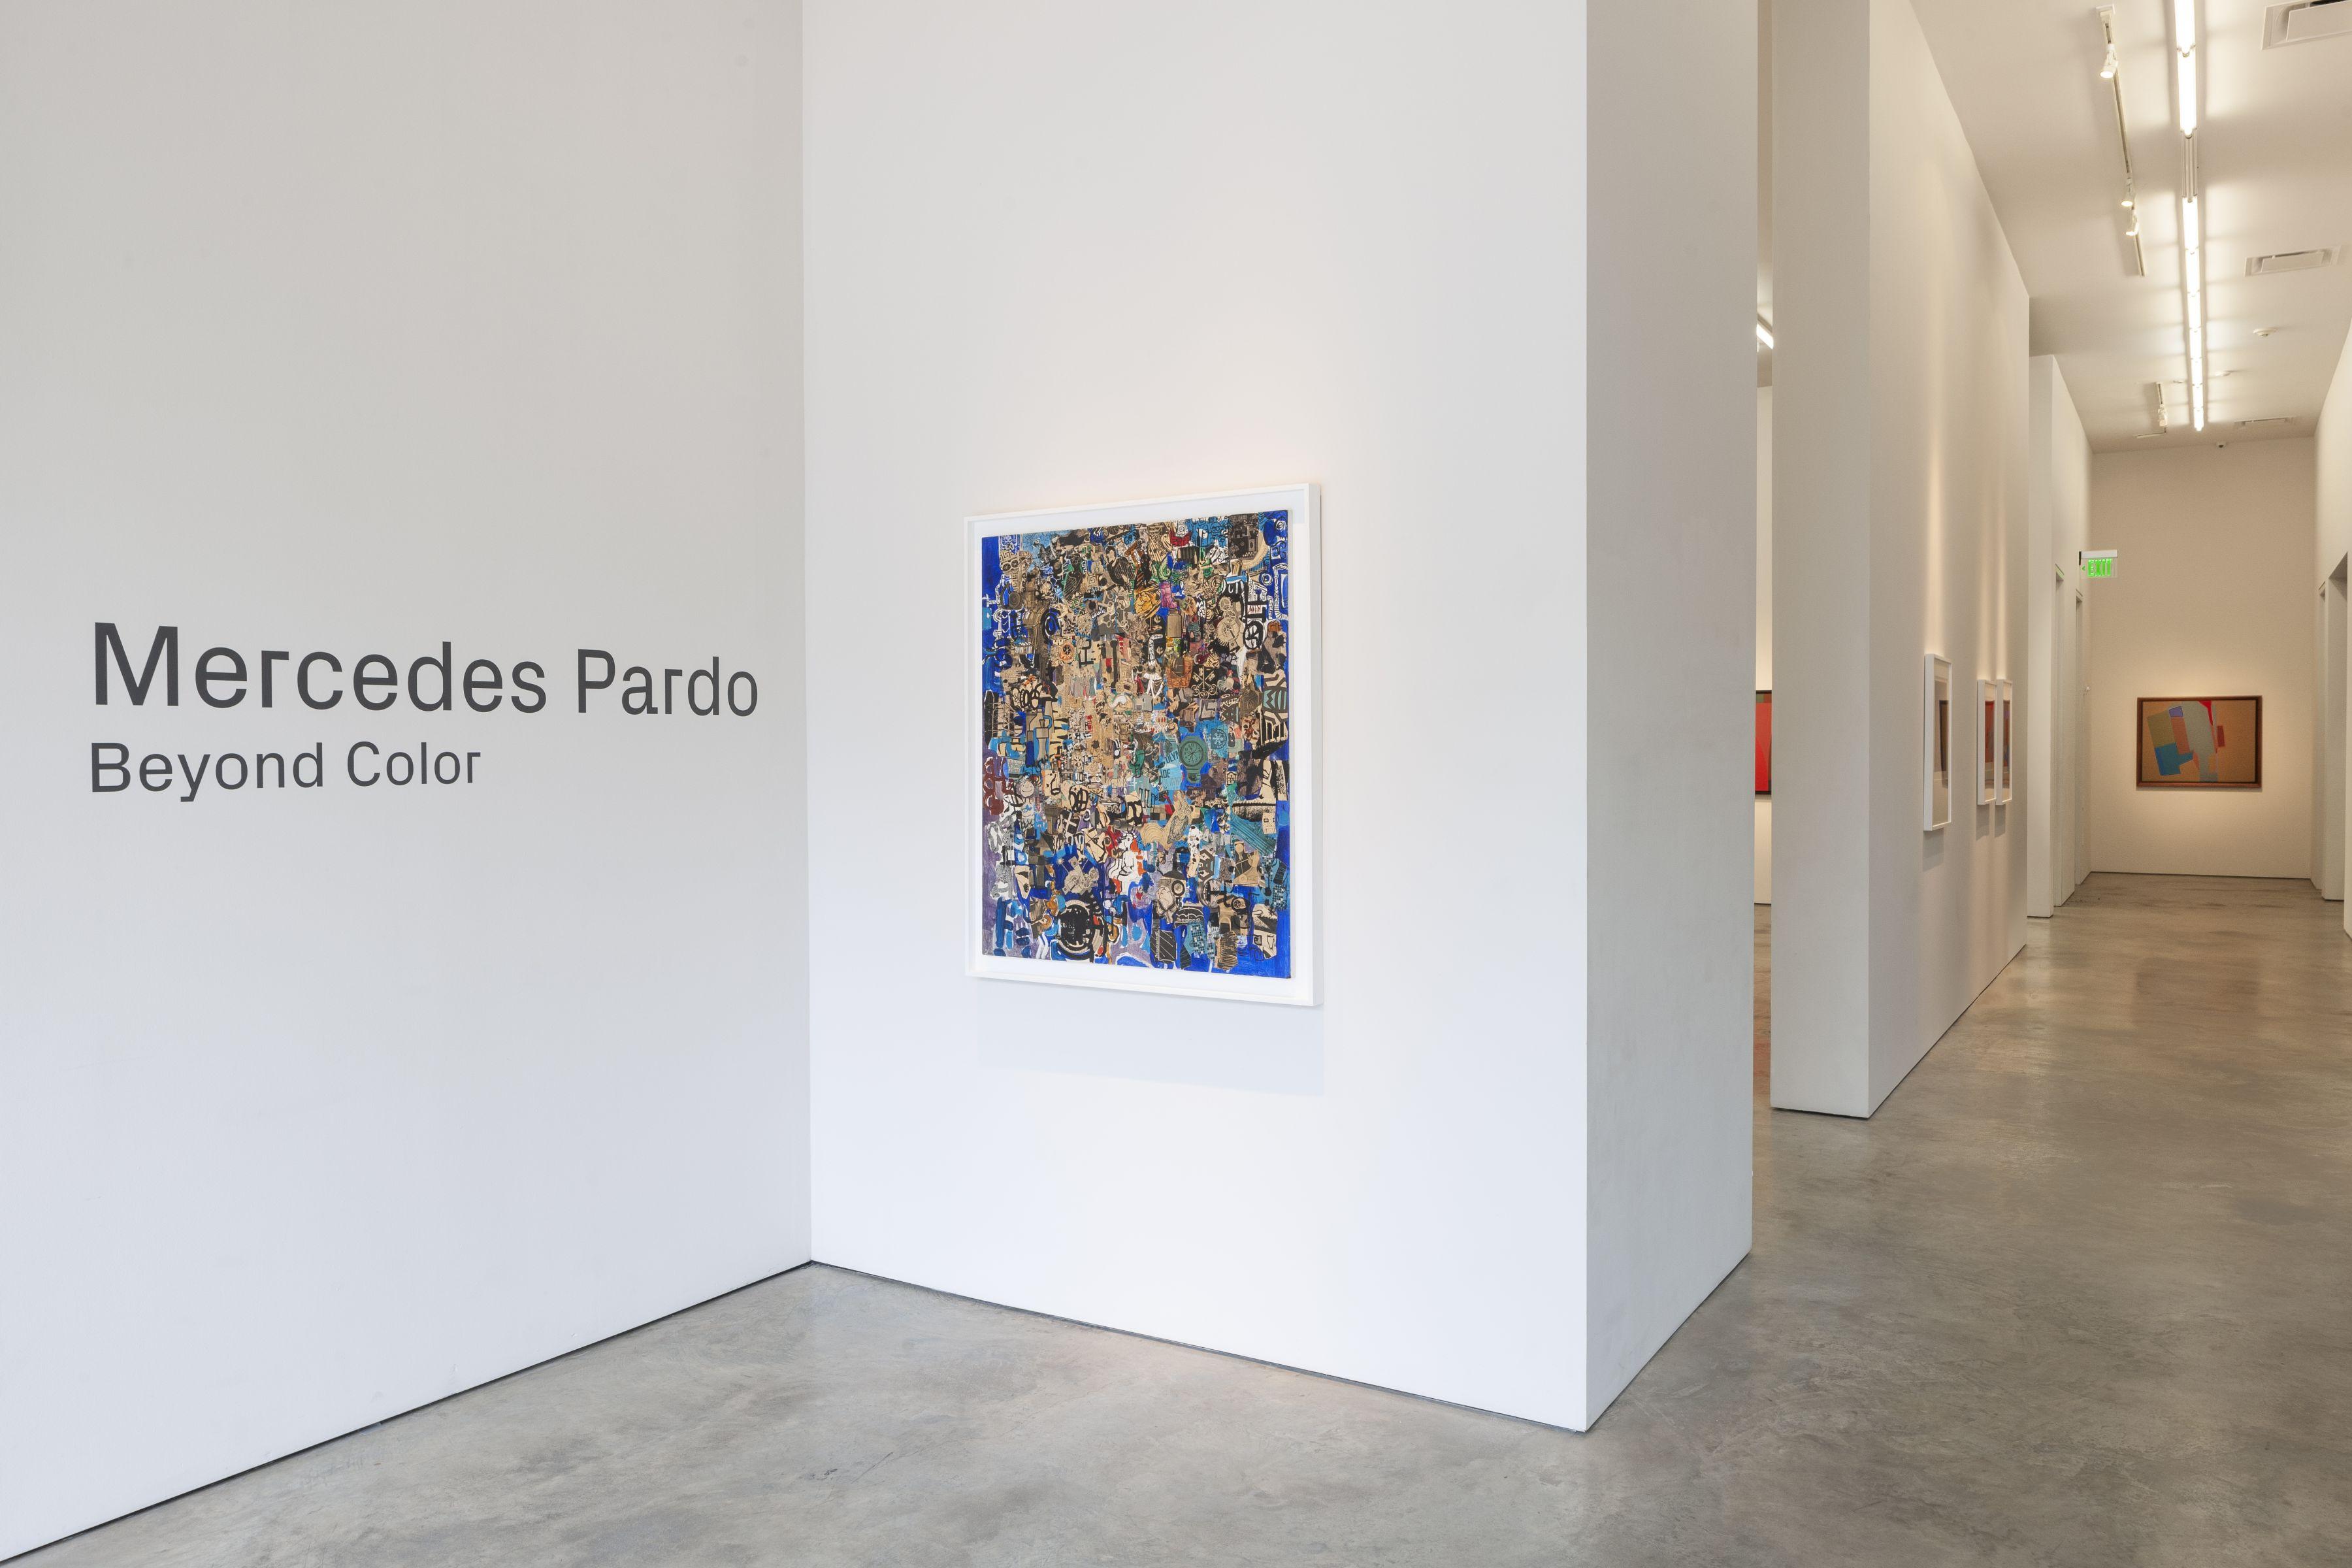 Mercedes Pardo:  Beyond Color